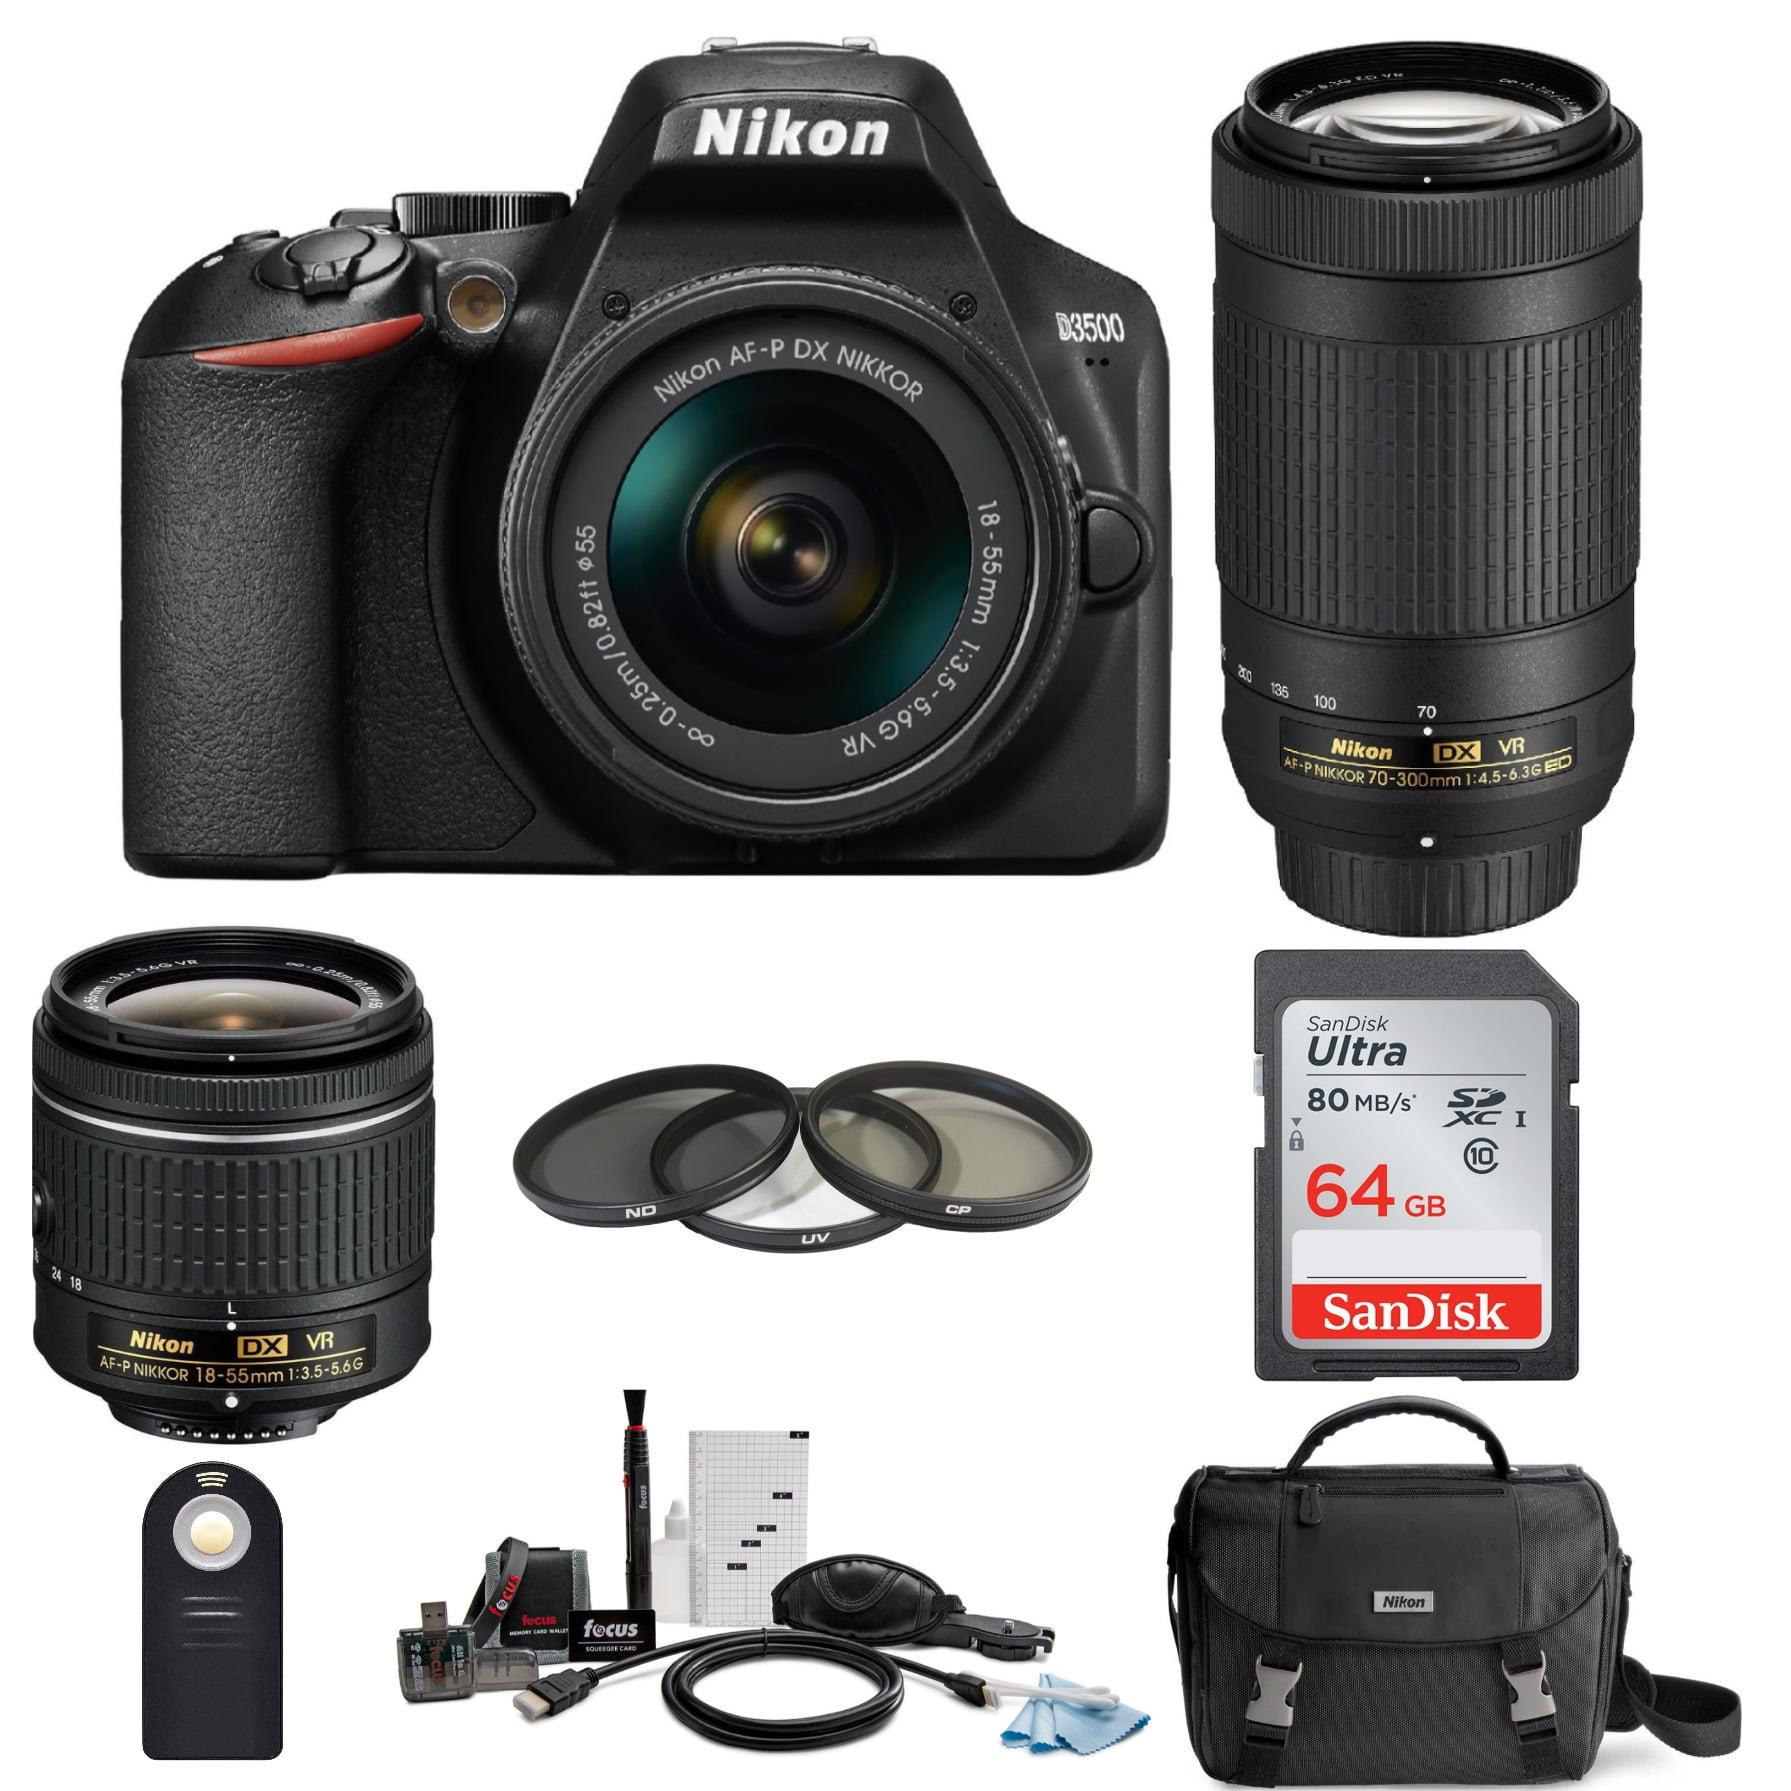 Nikon D3500 DSLR Camera with AF-P 18-55mm and 70-300mm VR Lenses and 64GB Bundle